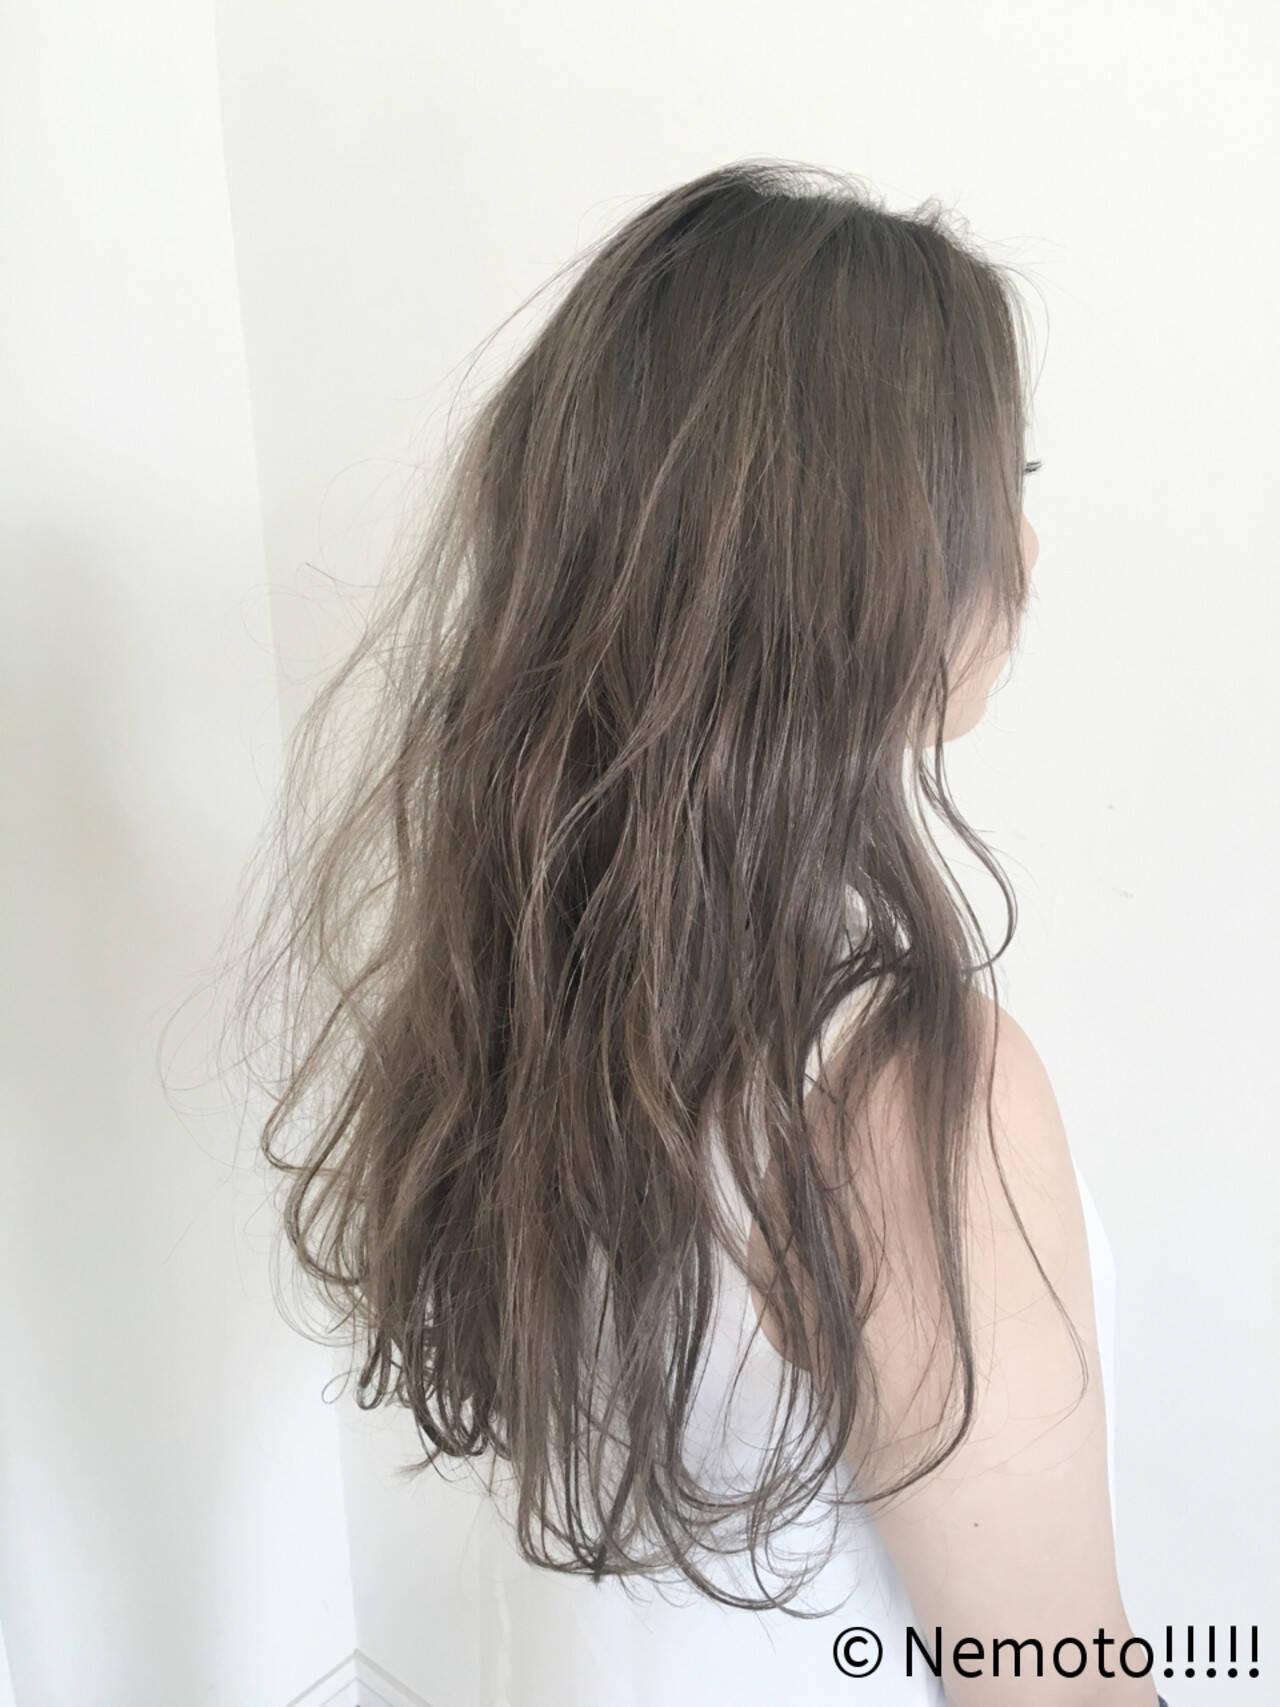 ダブルカラー 透明感 ロング 抜け感ヘアスタイルや髪型の写真・画像